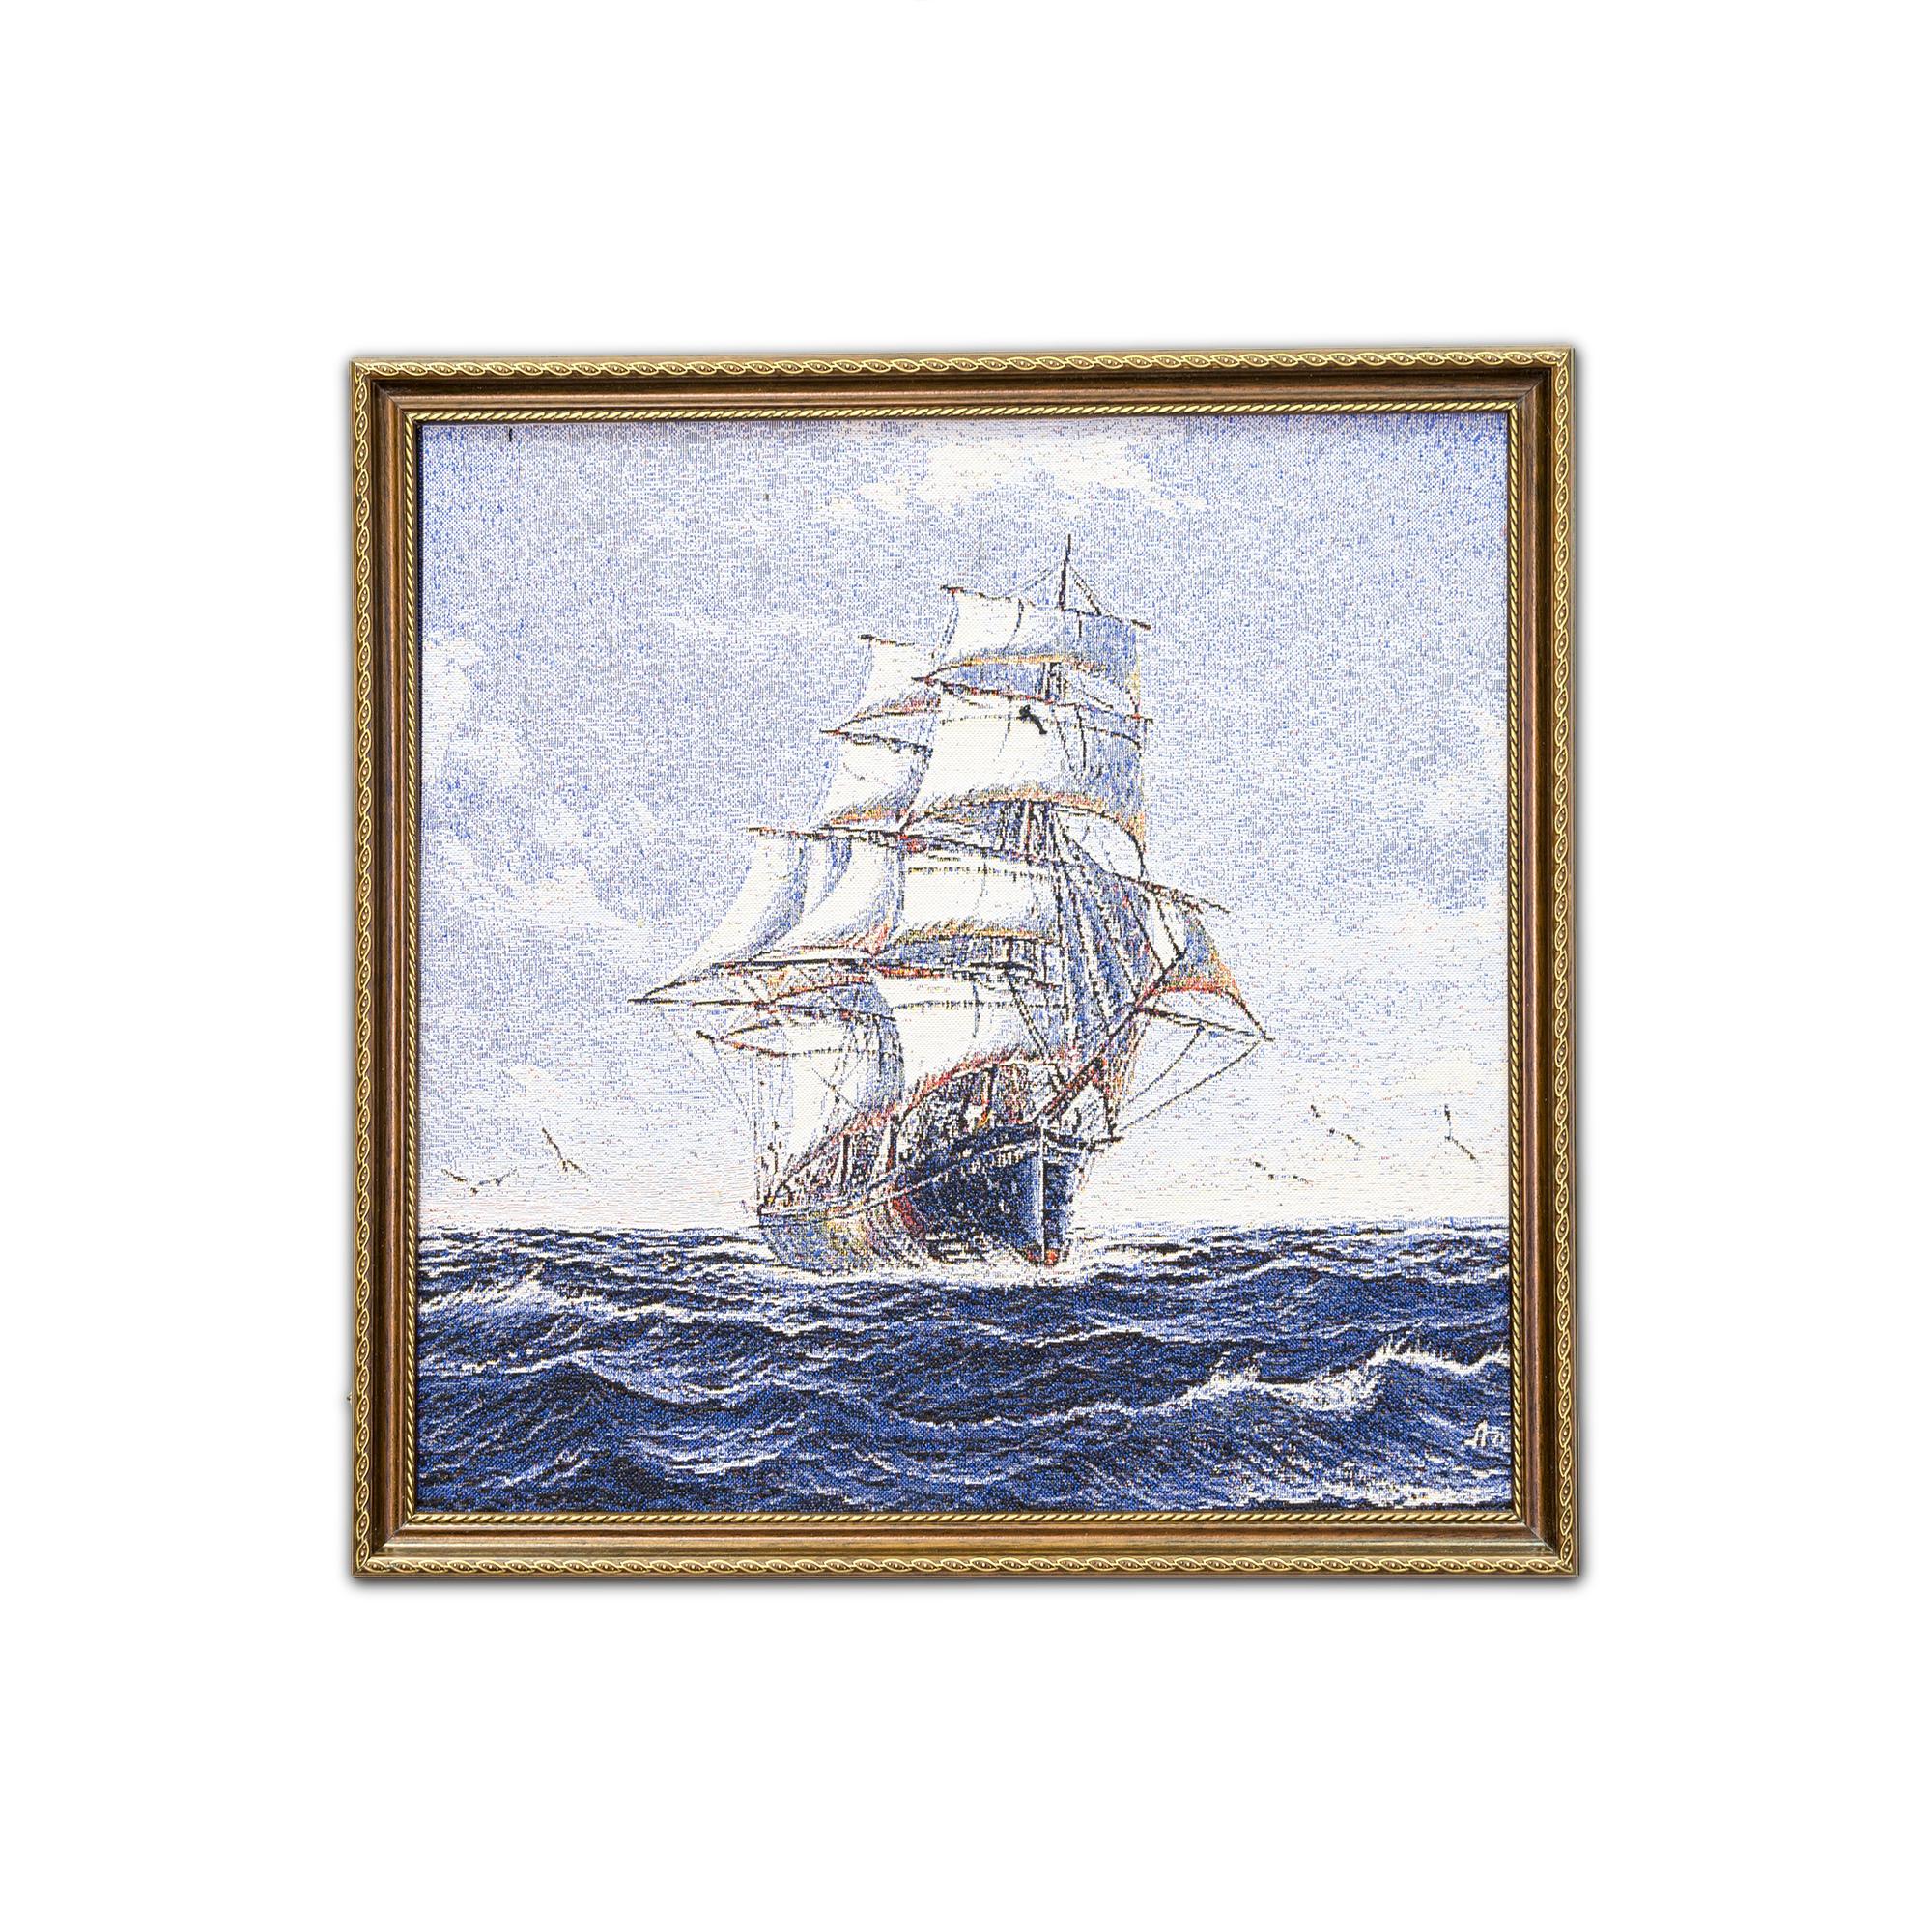 Картина Магазин гобеленов Парусник 48*48 см, Гобелен827Гобелен картина парусник-для интерьера и дизайна вашего дома.А так же шикарный подарок для мужчины. Гобелен оформлен в багет.Размер 48*48 см.